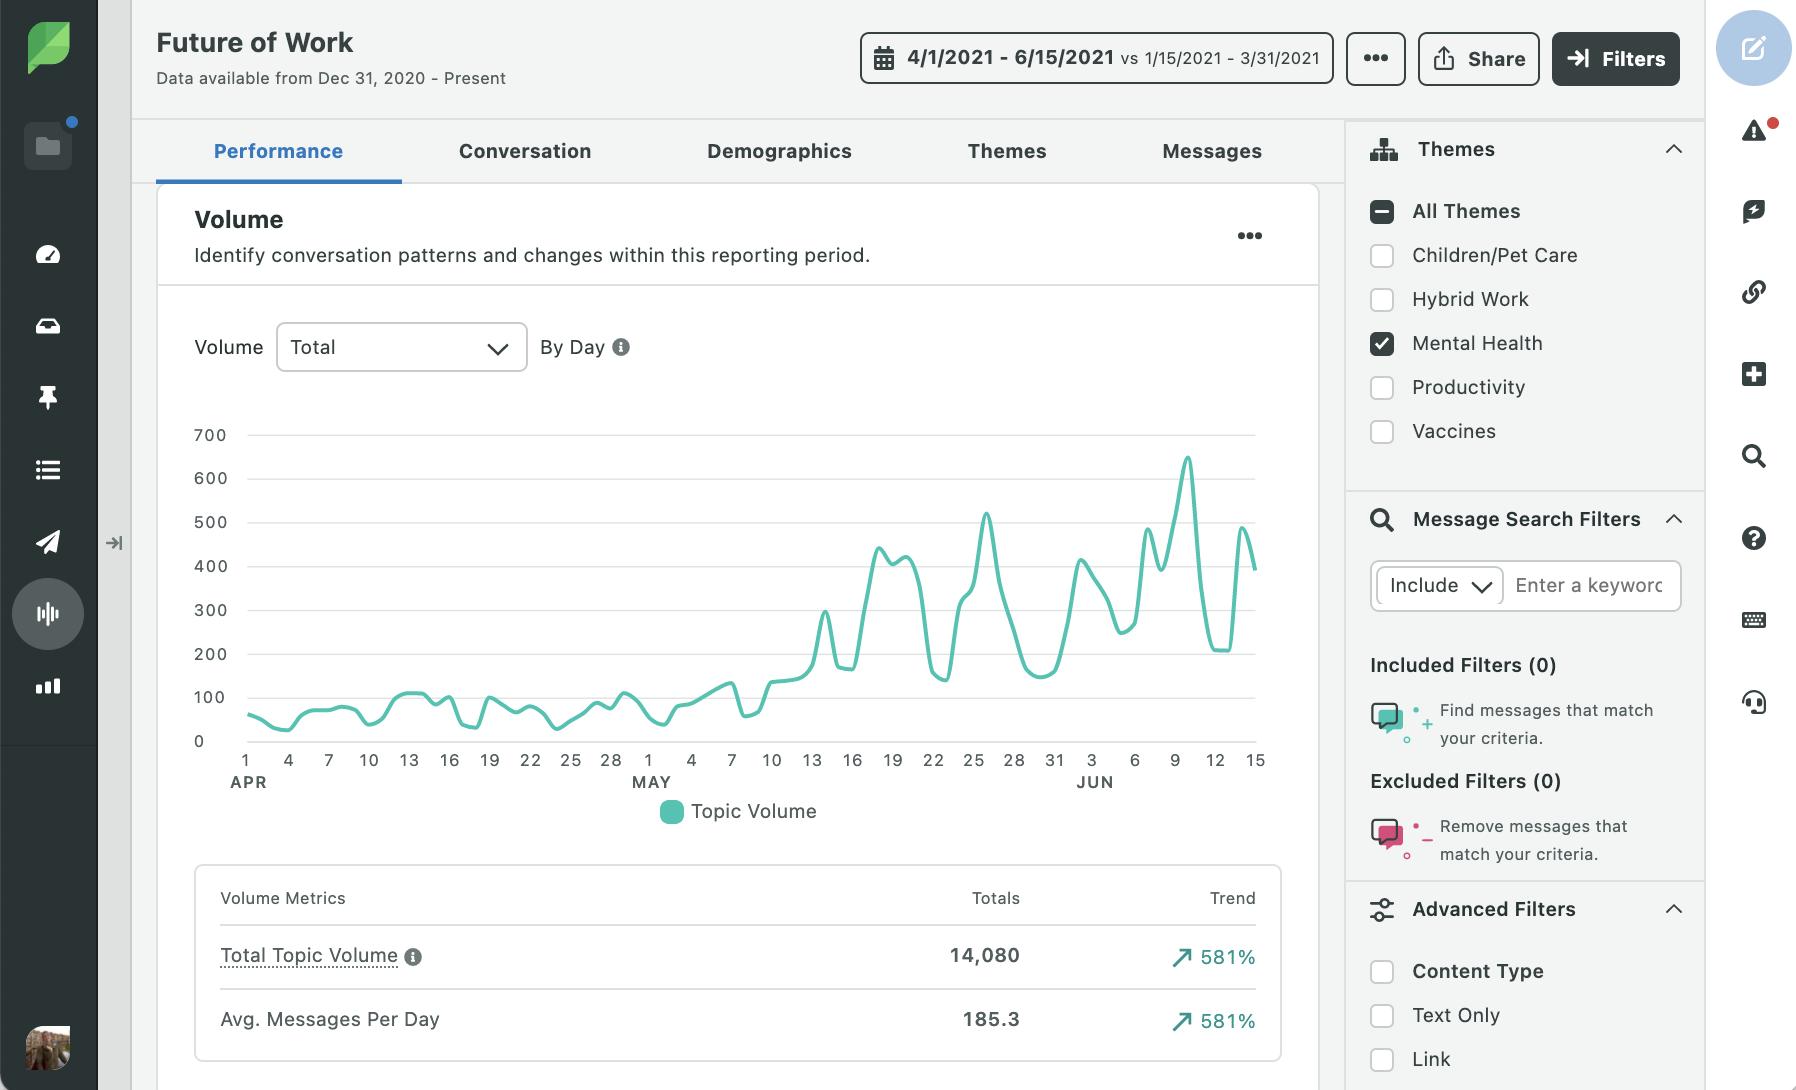 A través de la función de escucha social de Sprout Social, rastrea el volumen de temas del futuro del trabajo